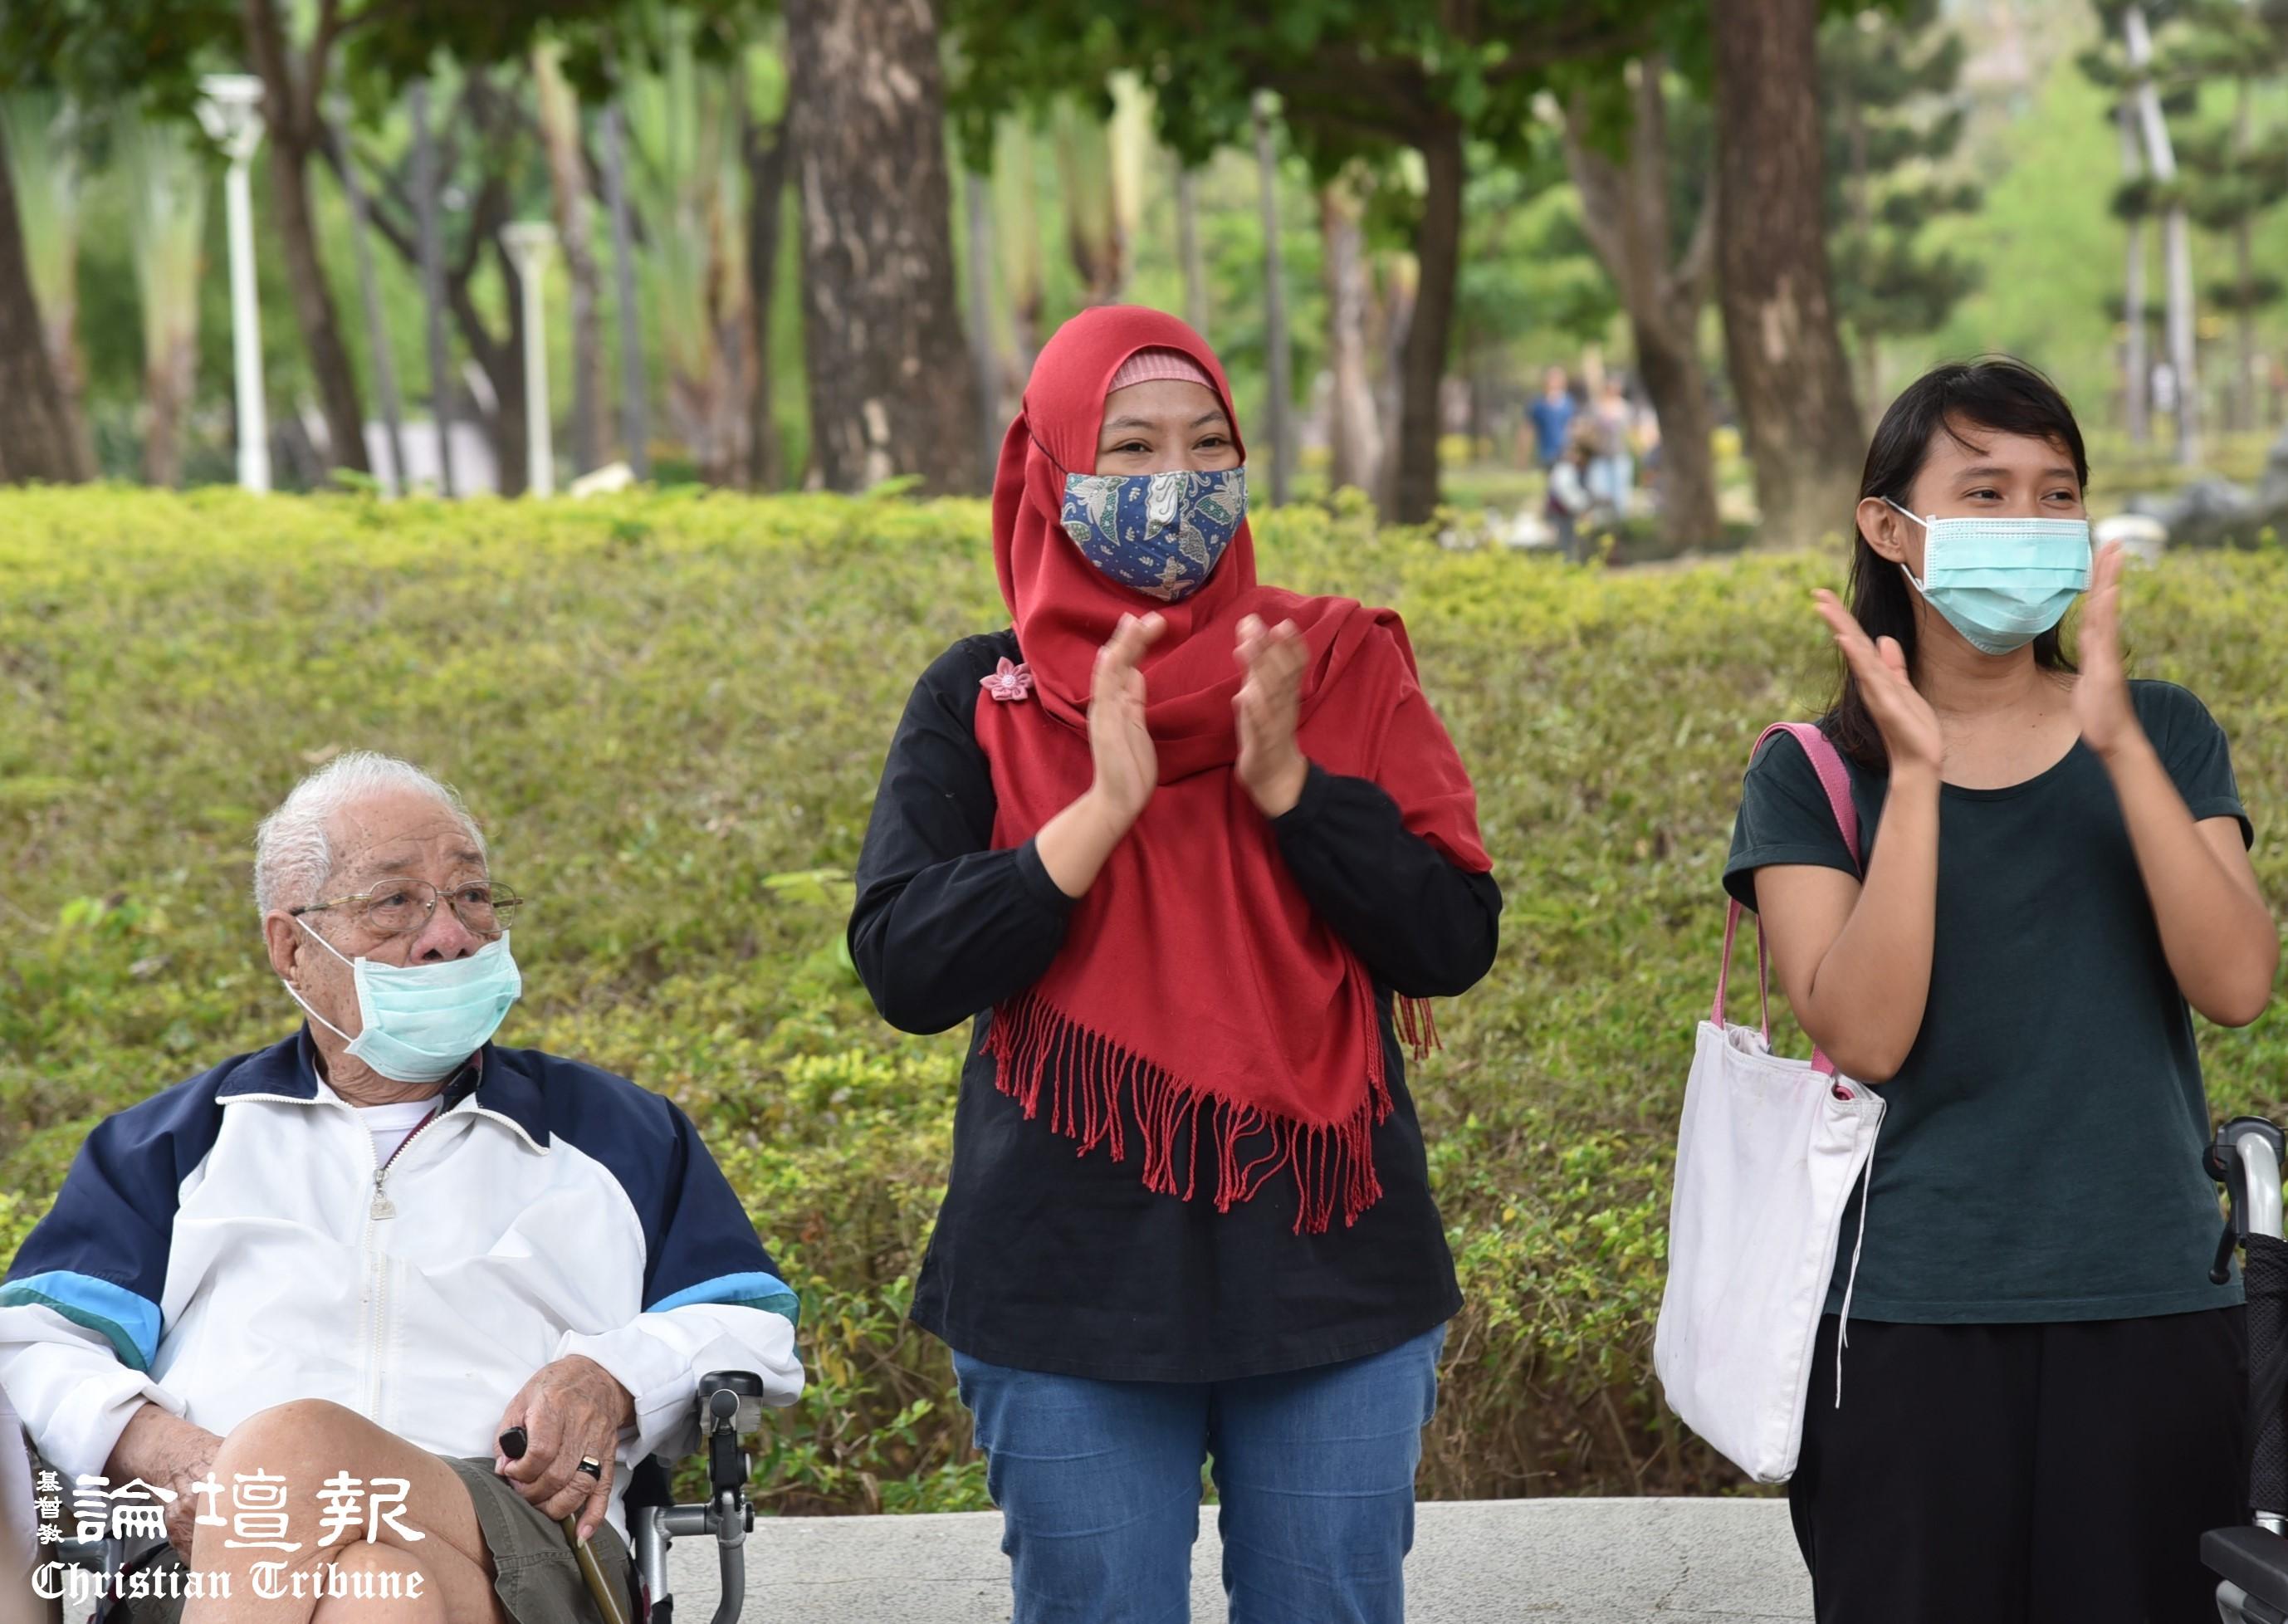 用愛關懷印尼看護,讓她們在僱主身上看見耶穌基督。(謝宜汝攝於三級警戒前)